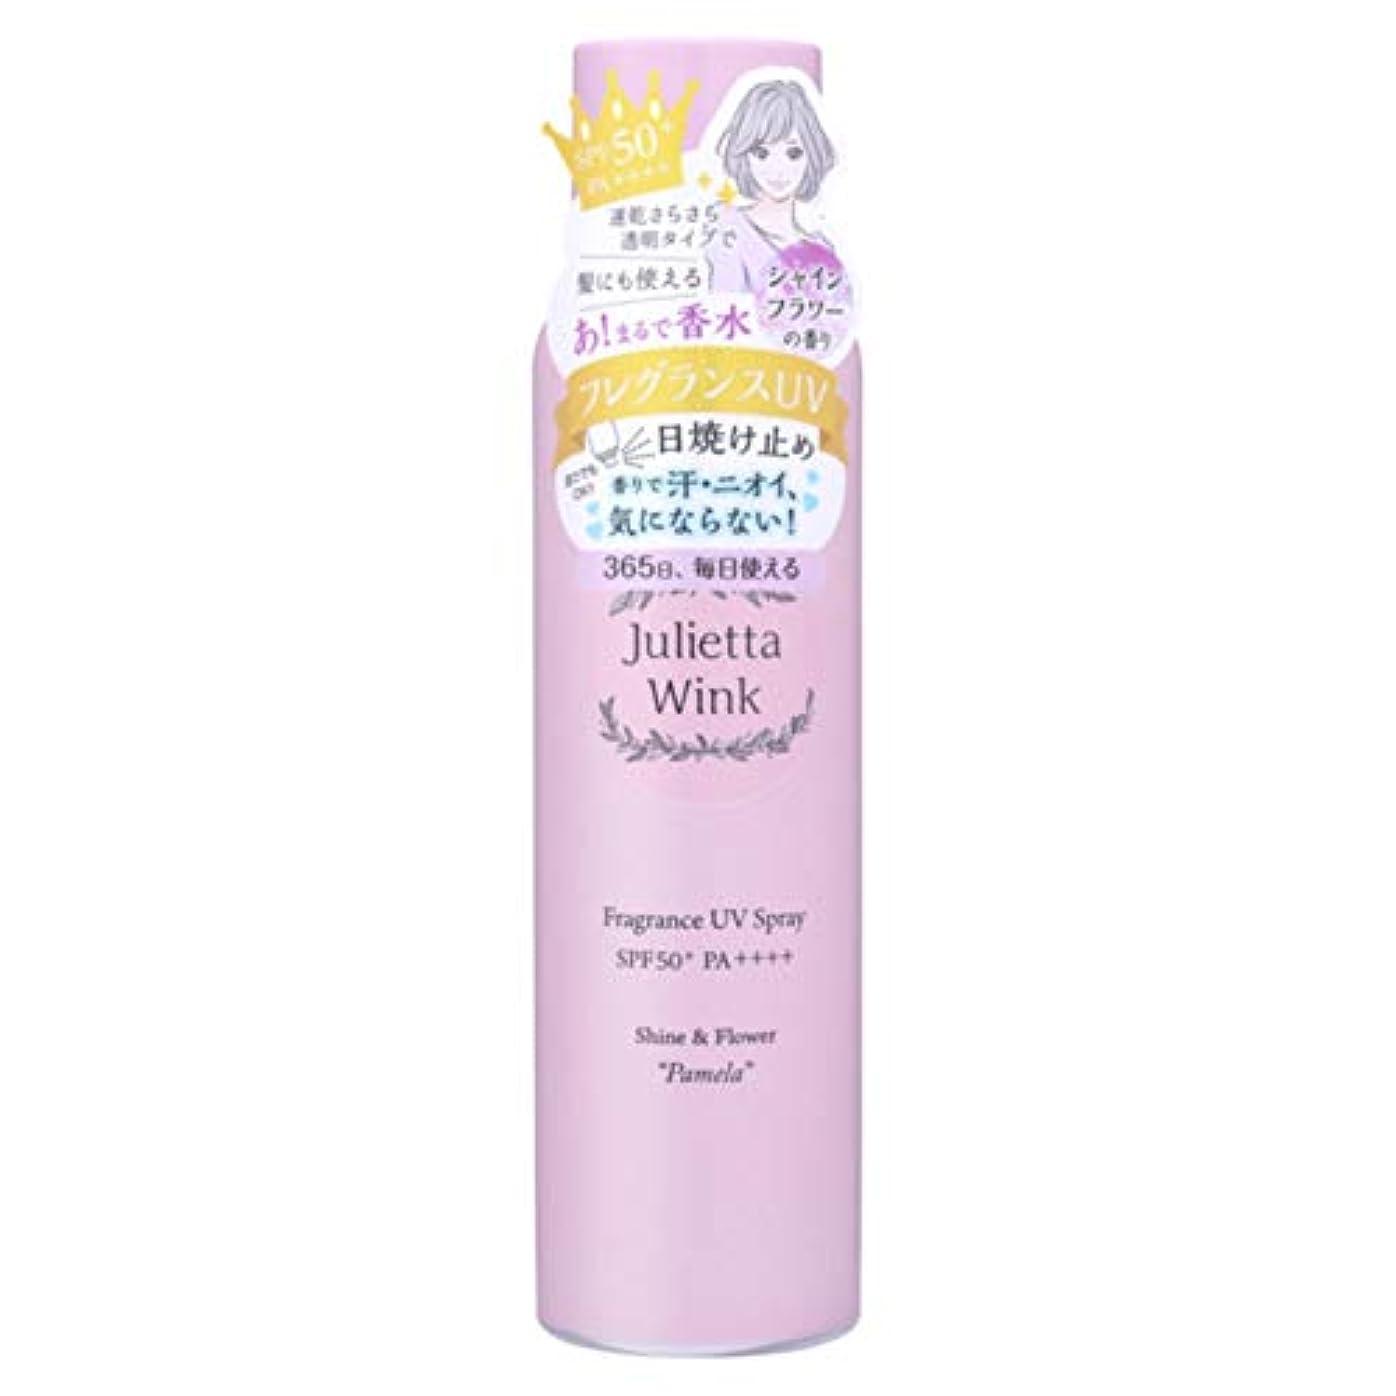 アレルギー性否定するスマイルジュリエッタウィンク フレグランス UVスプレー[パメラ]100g シャインフラワーの香り(ピンク)